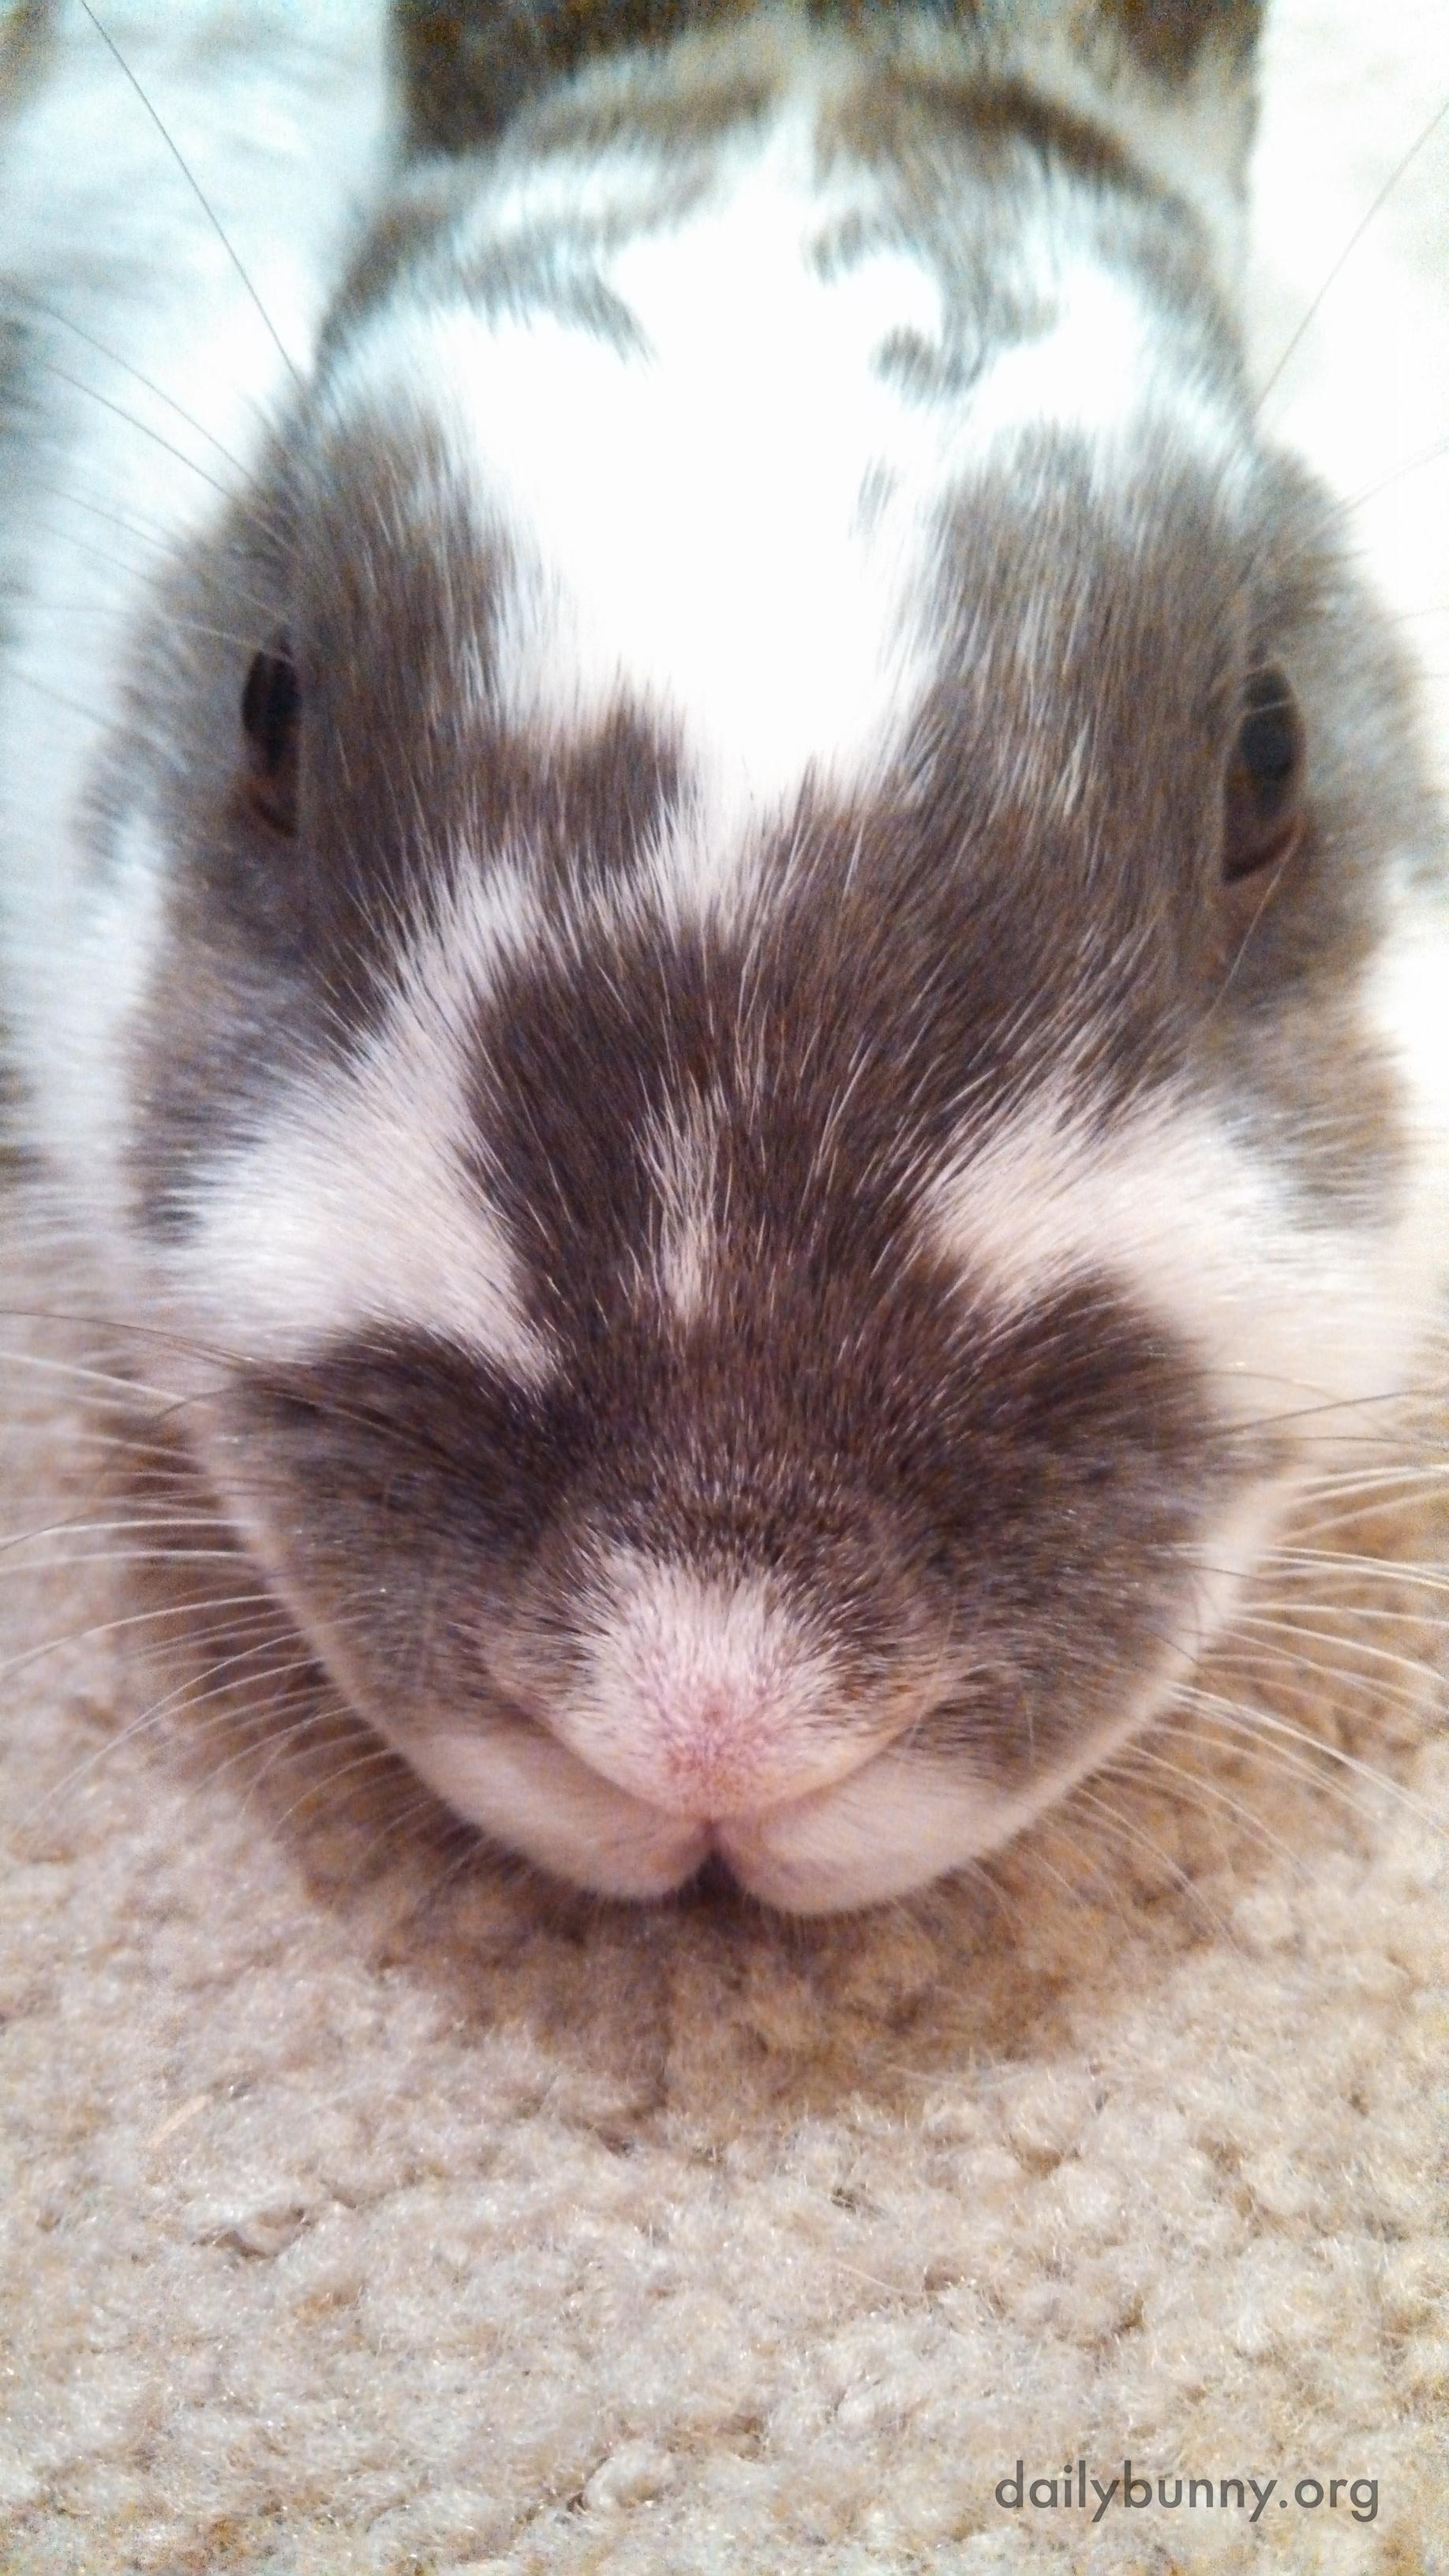 Bunny Has Had Enough of These Photos Already 2